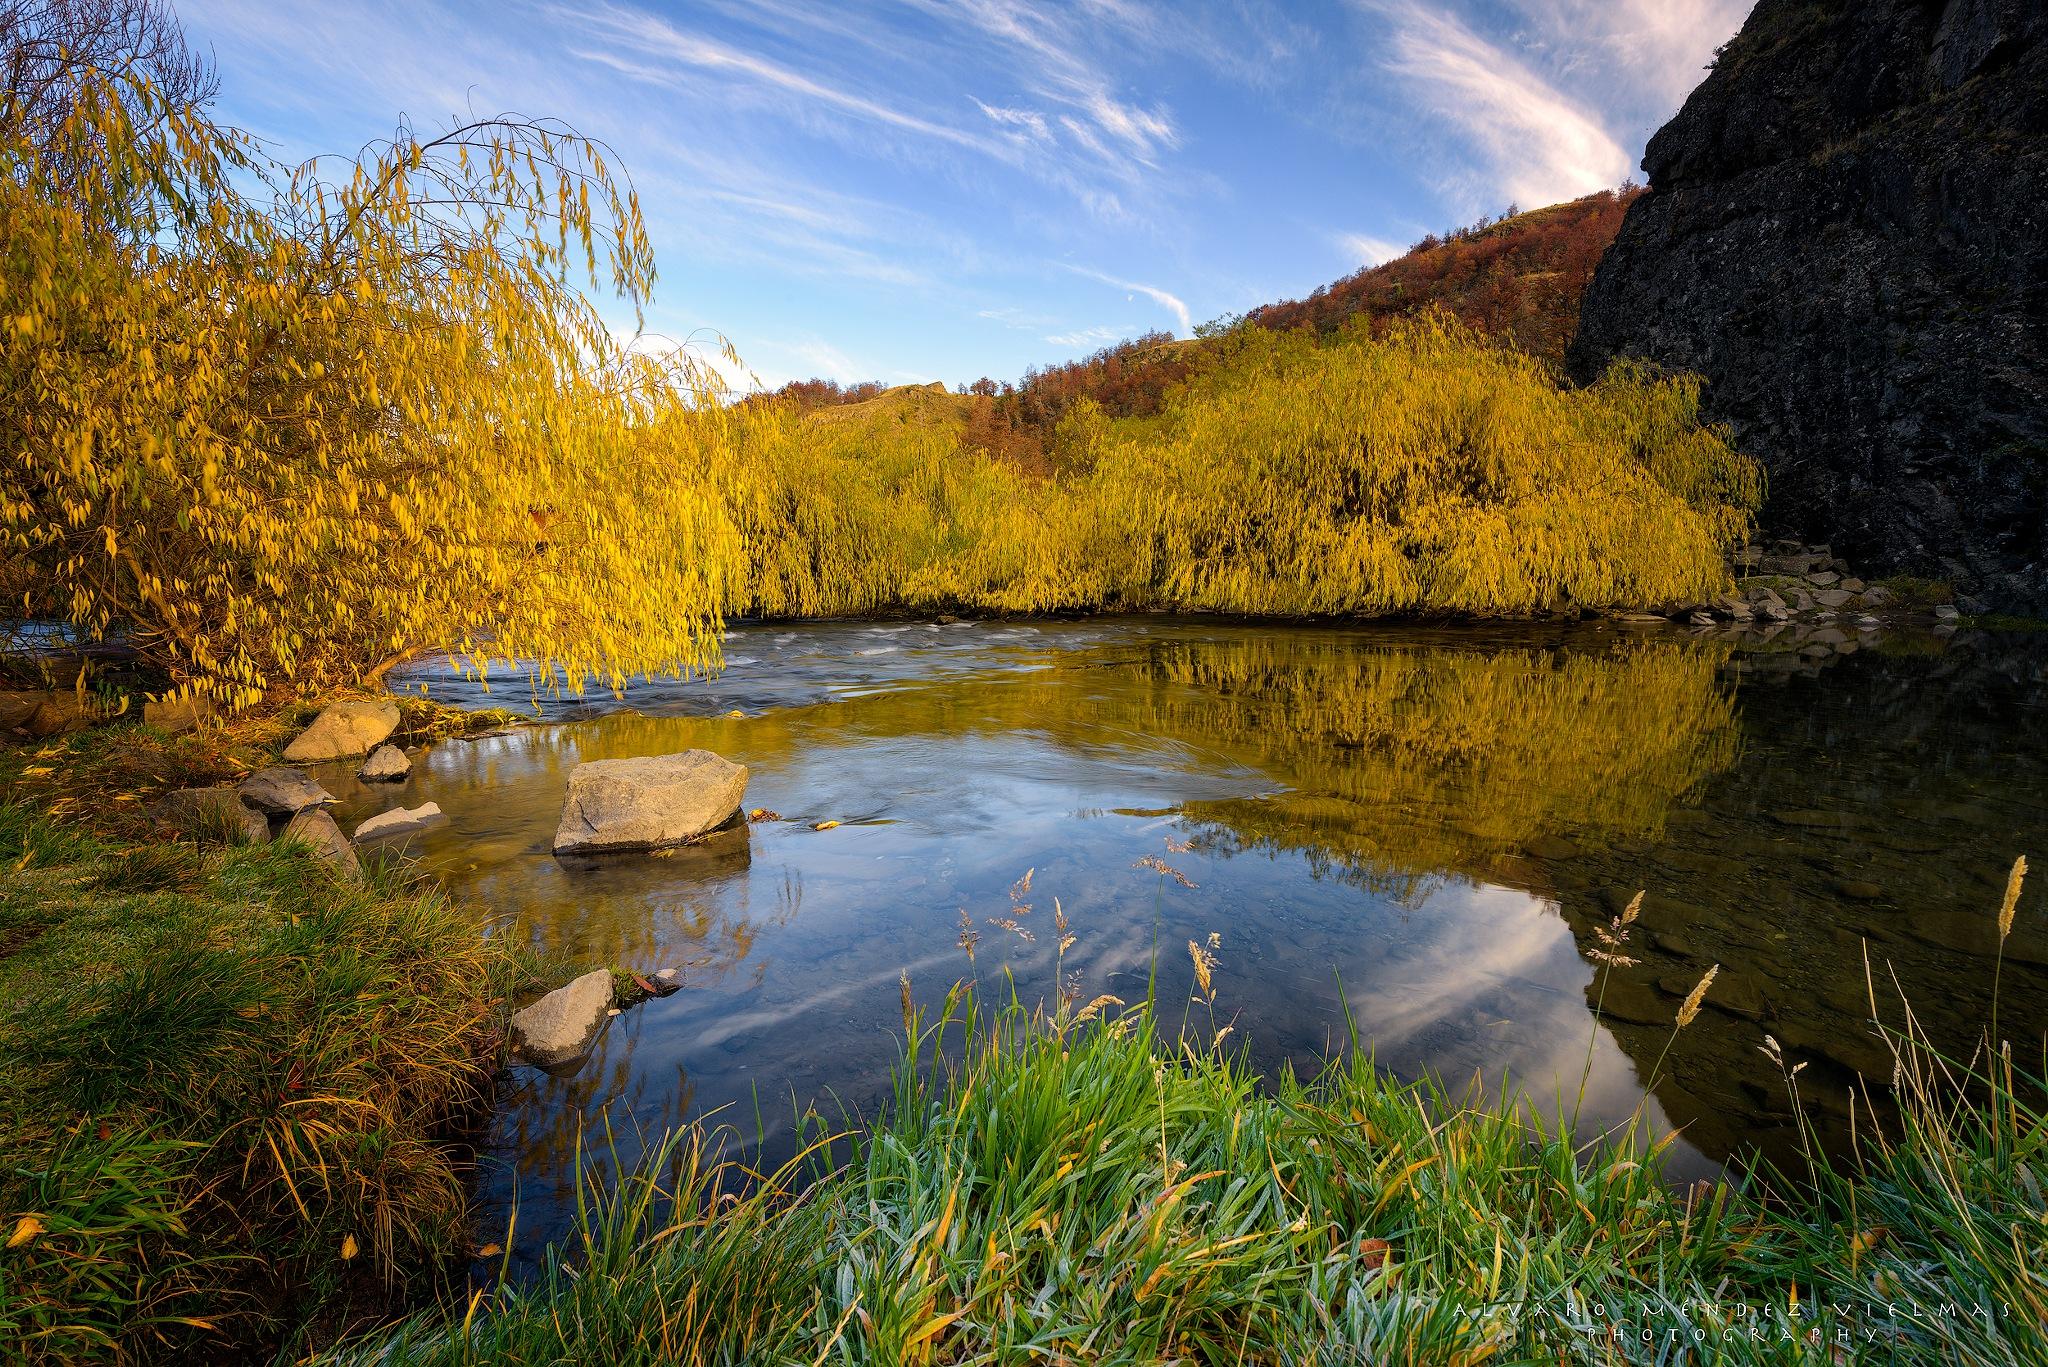 Calm river by Álvaro Méndez Vielmas